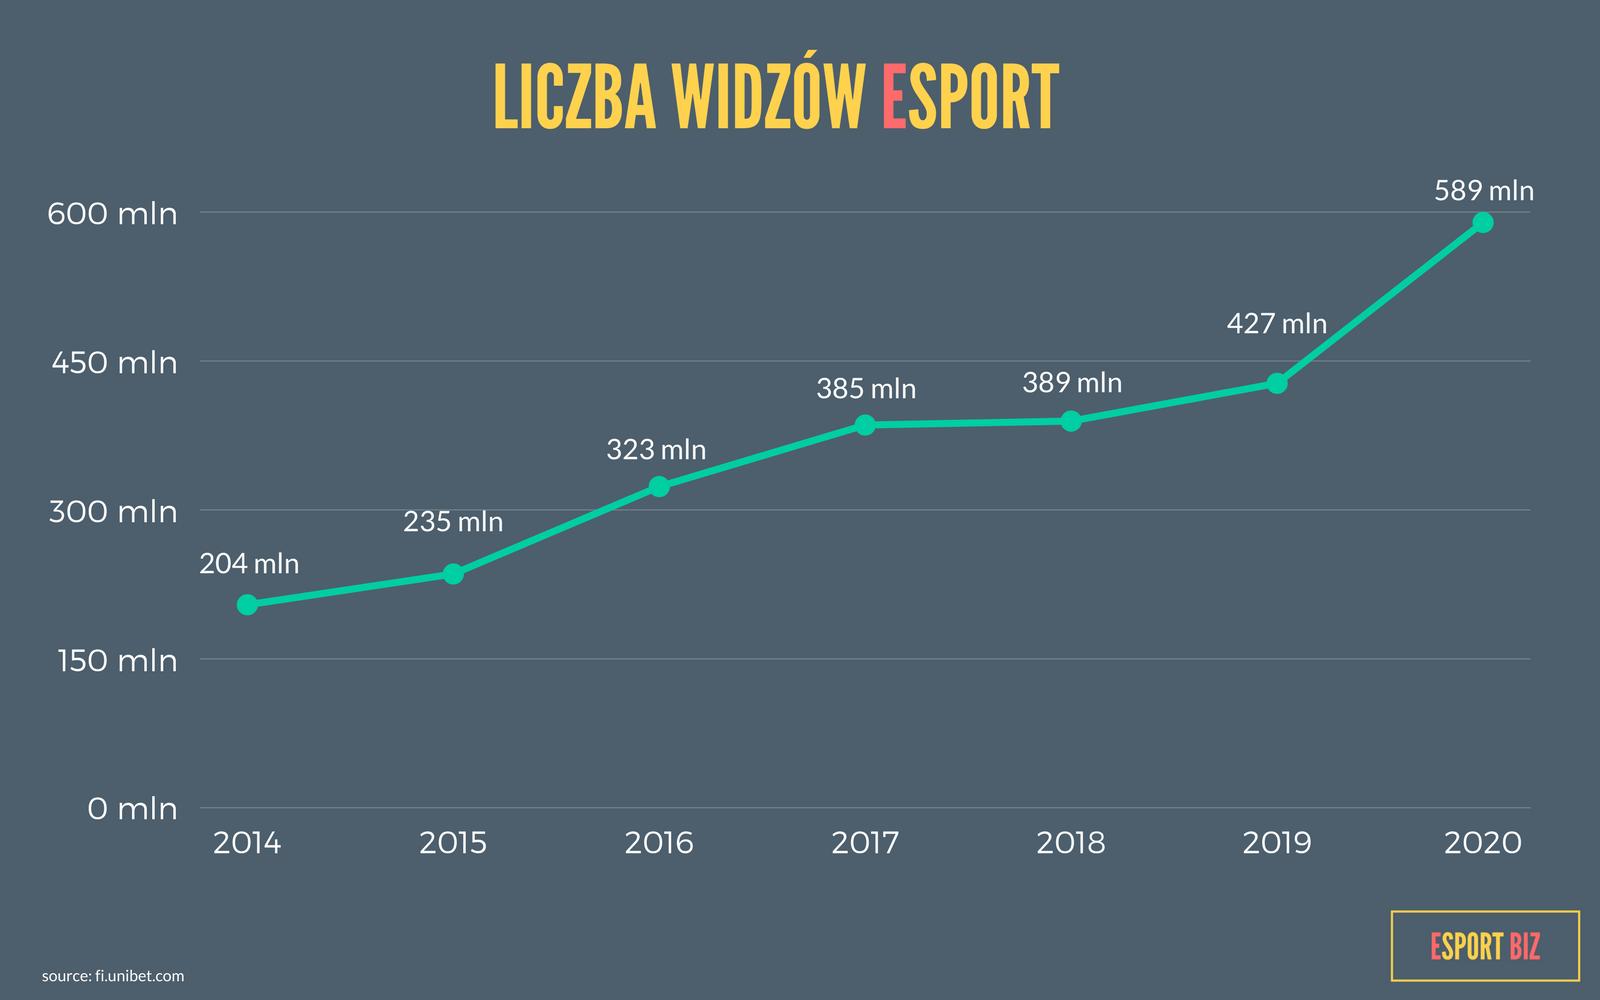 Liczba widzów esport